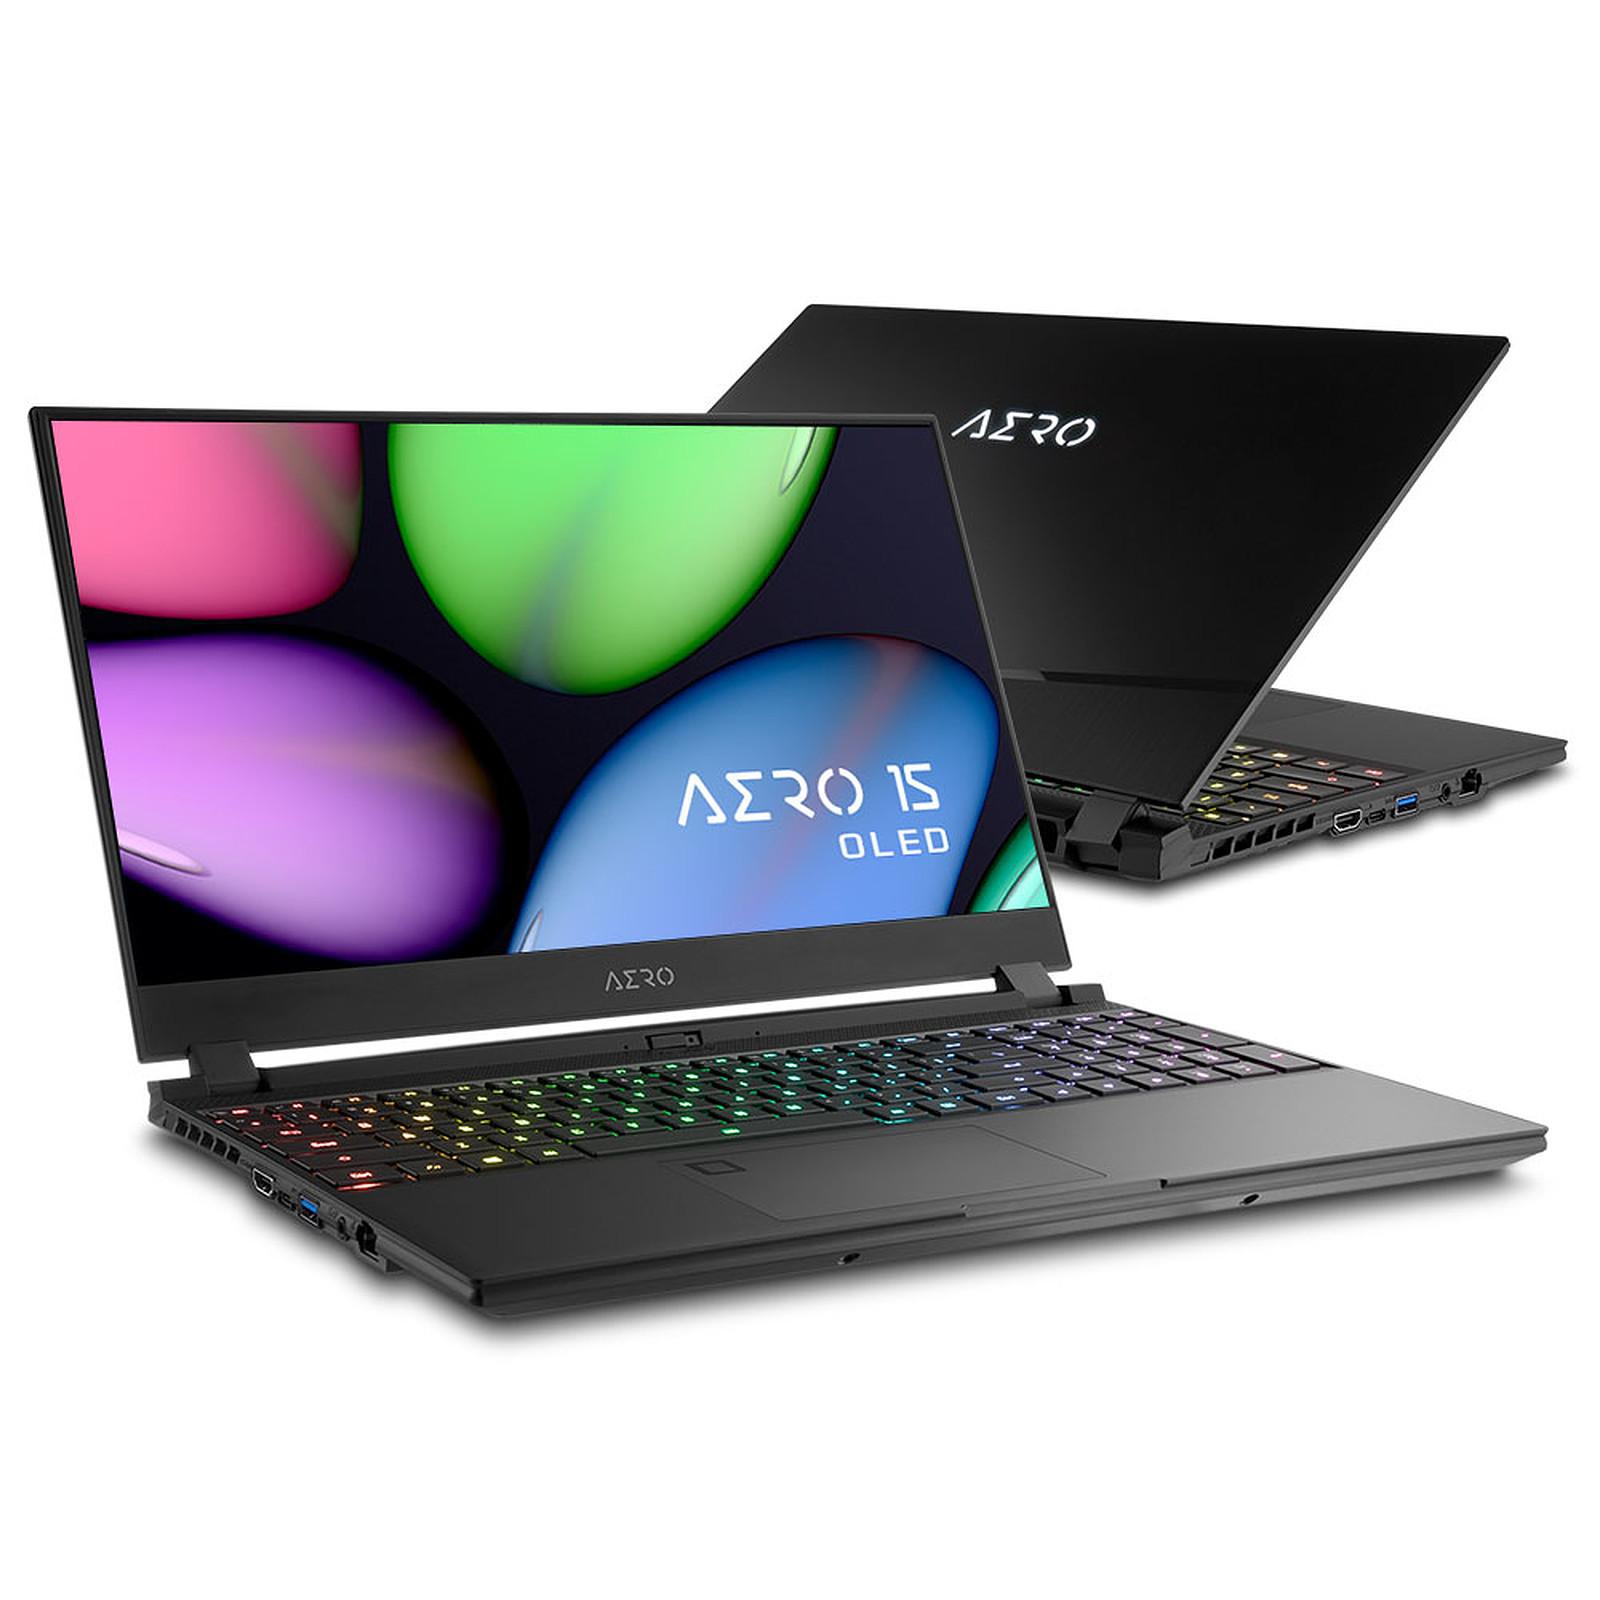 Meilleur PC portable - Comparatif 2020 | Clubic